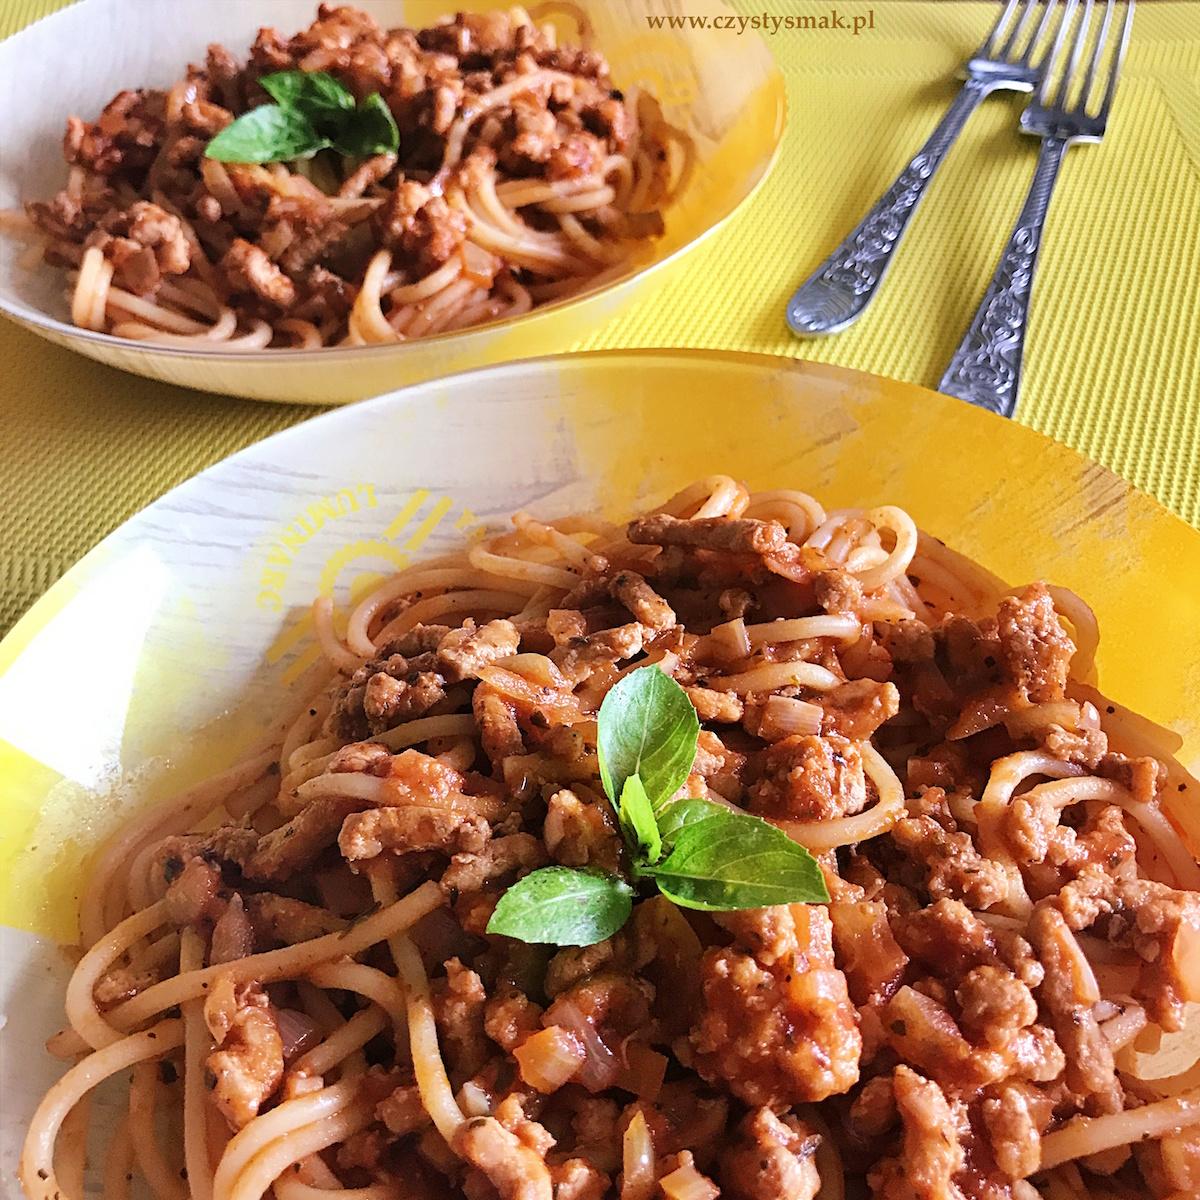 Aromatyczny sos pomidorowy do makaronu